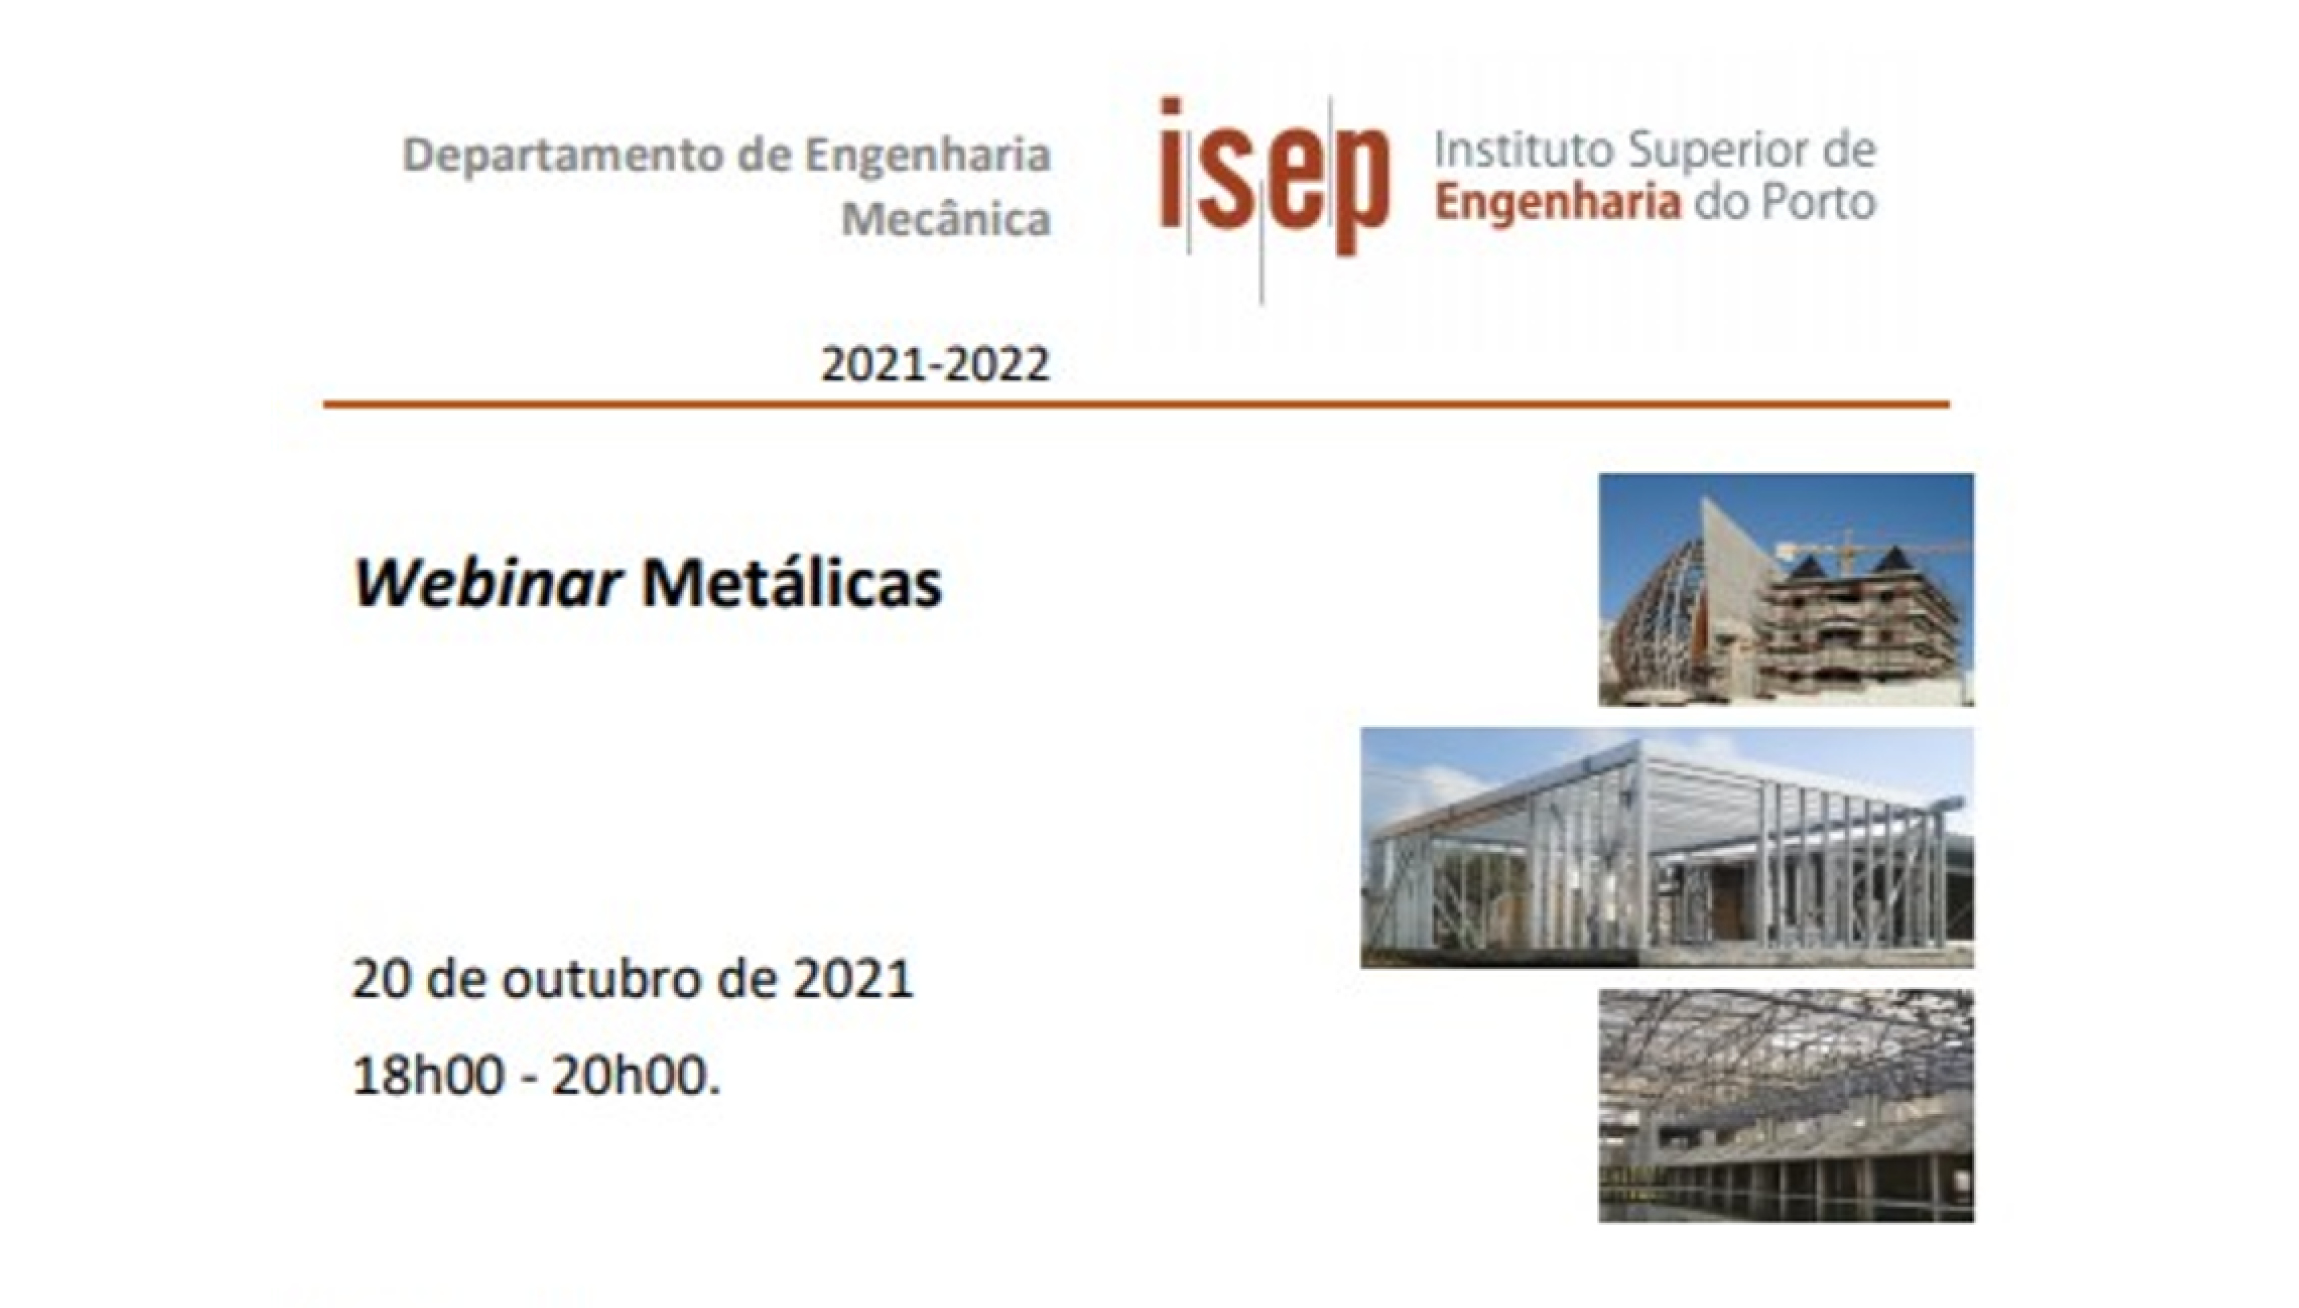 Plataforma Notícias Ordem Engenheiros Região Norte - Estruturas metálicas em debate no ISEP